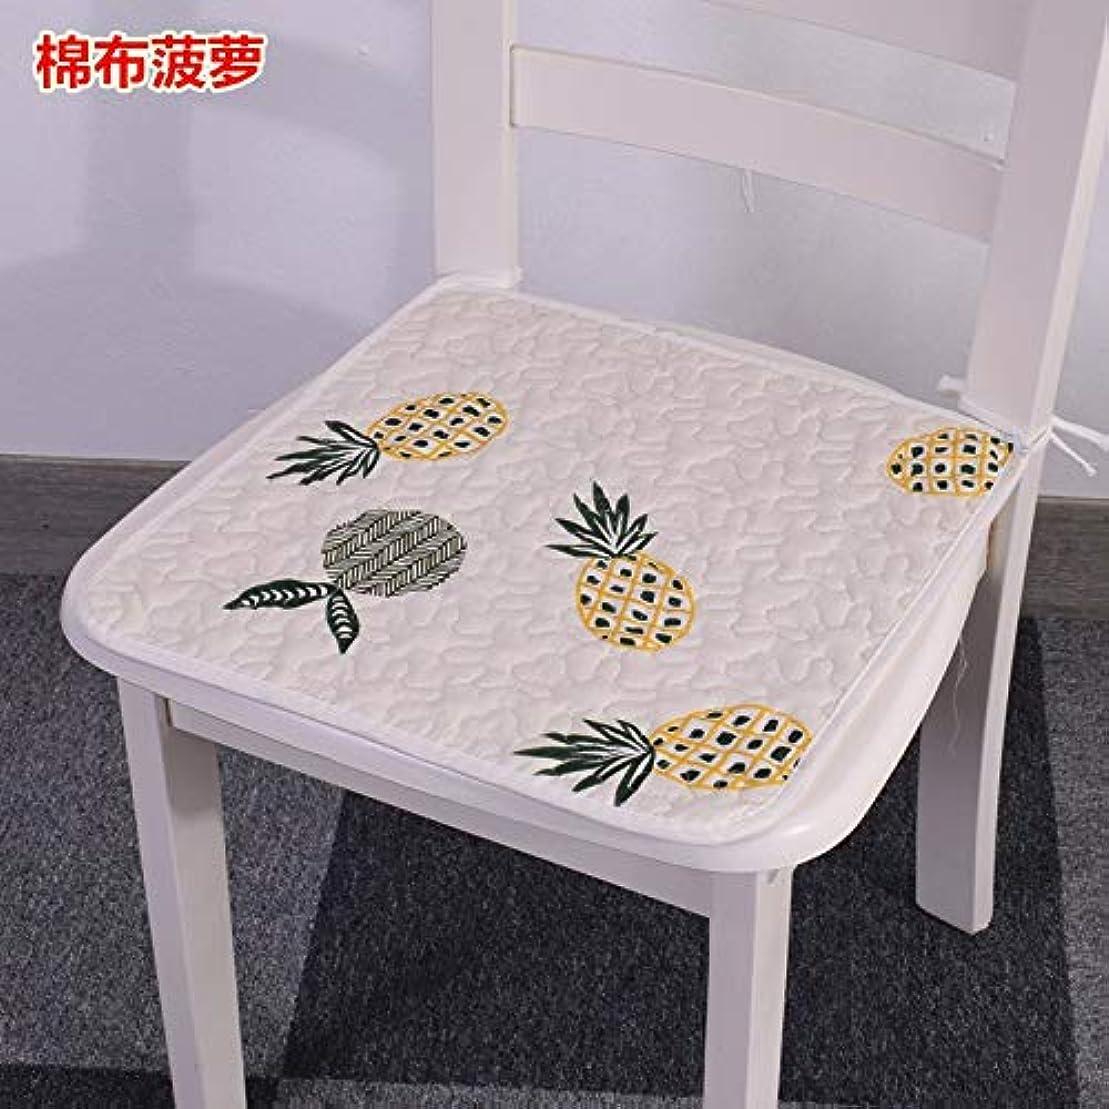 層損傷異常なLIFE 現代スーパーソフト椅子クッション非スリップシートクッションマットソファホームデコレーションバッククッションチェアパッド 40*40/45*45/50*50 センチメートル クッション 椅子